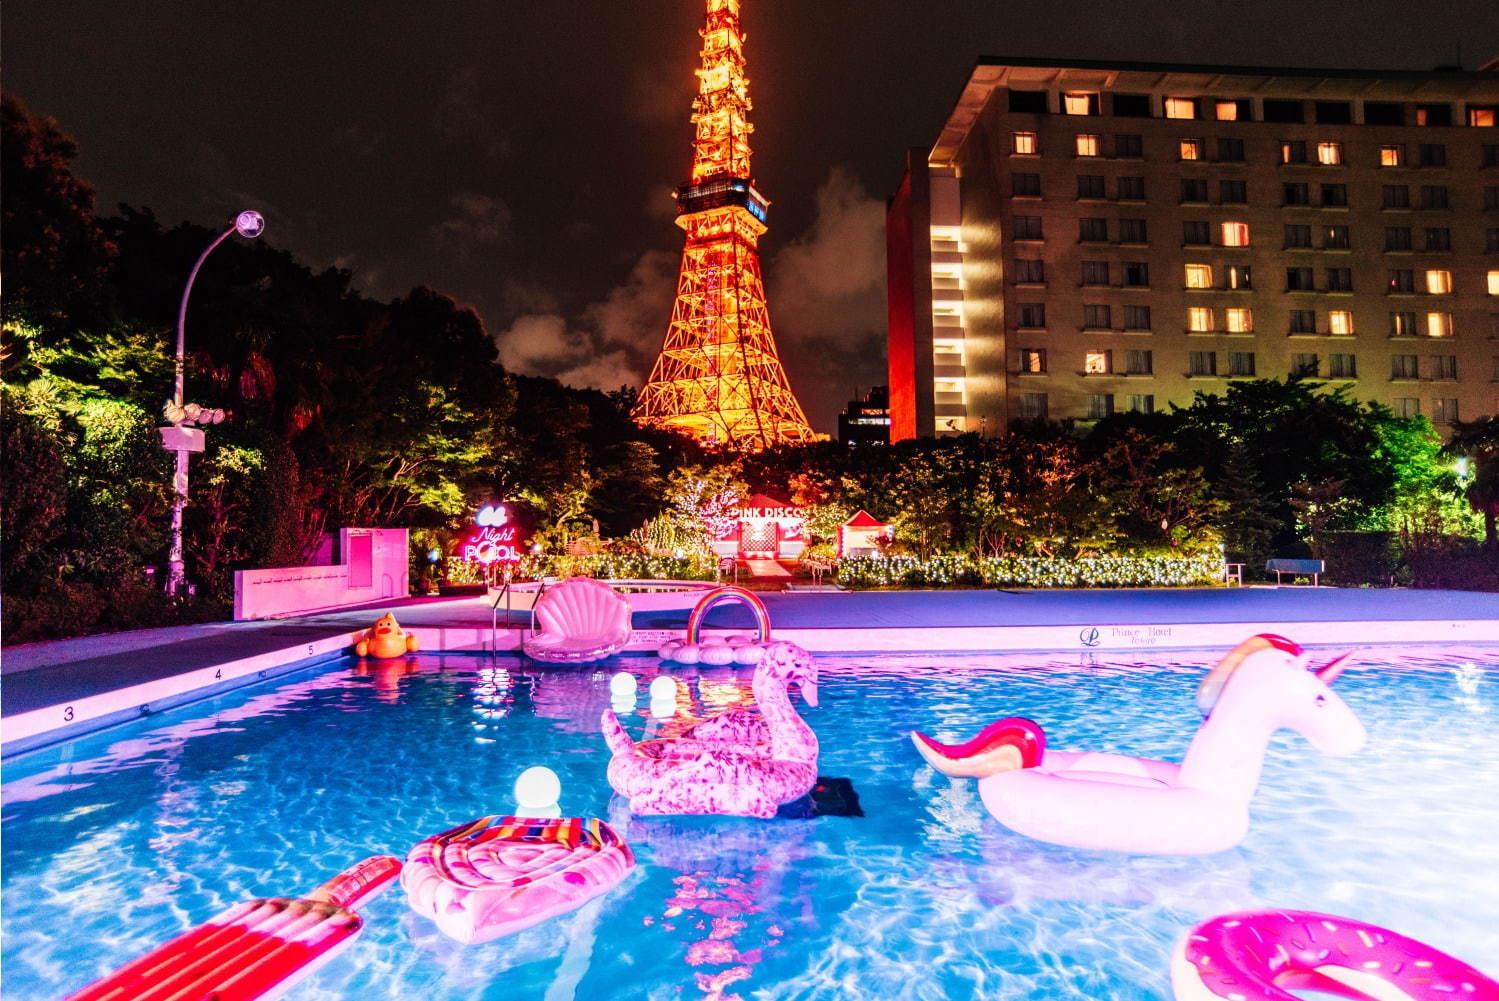 ファッション誌『CanCam』が空間プロデュースする東京プリンスホテルのナイトプール